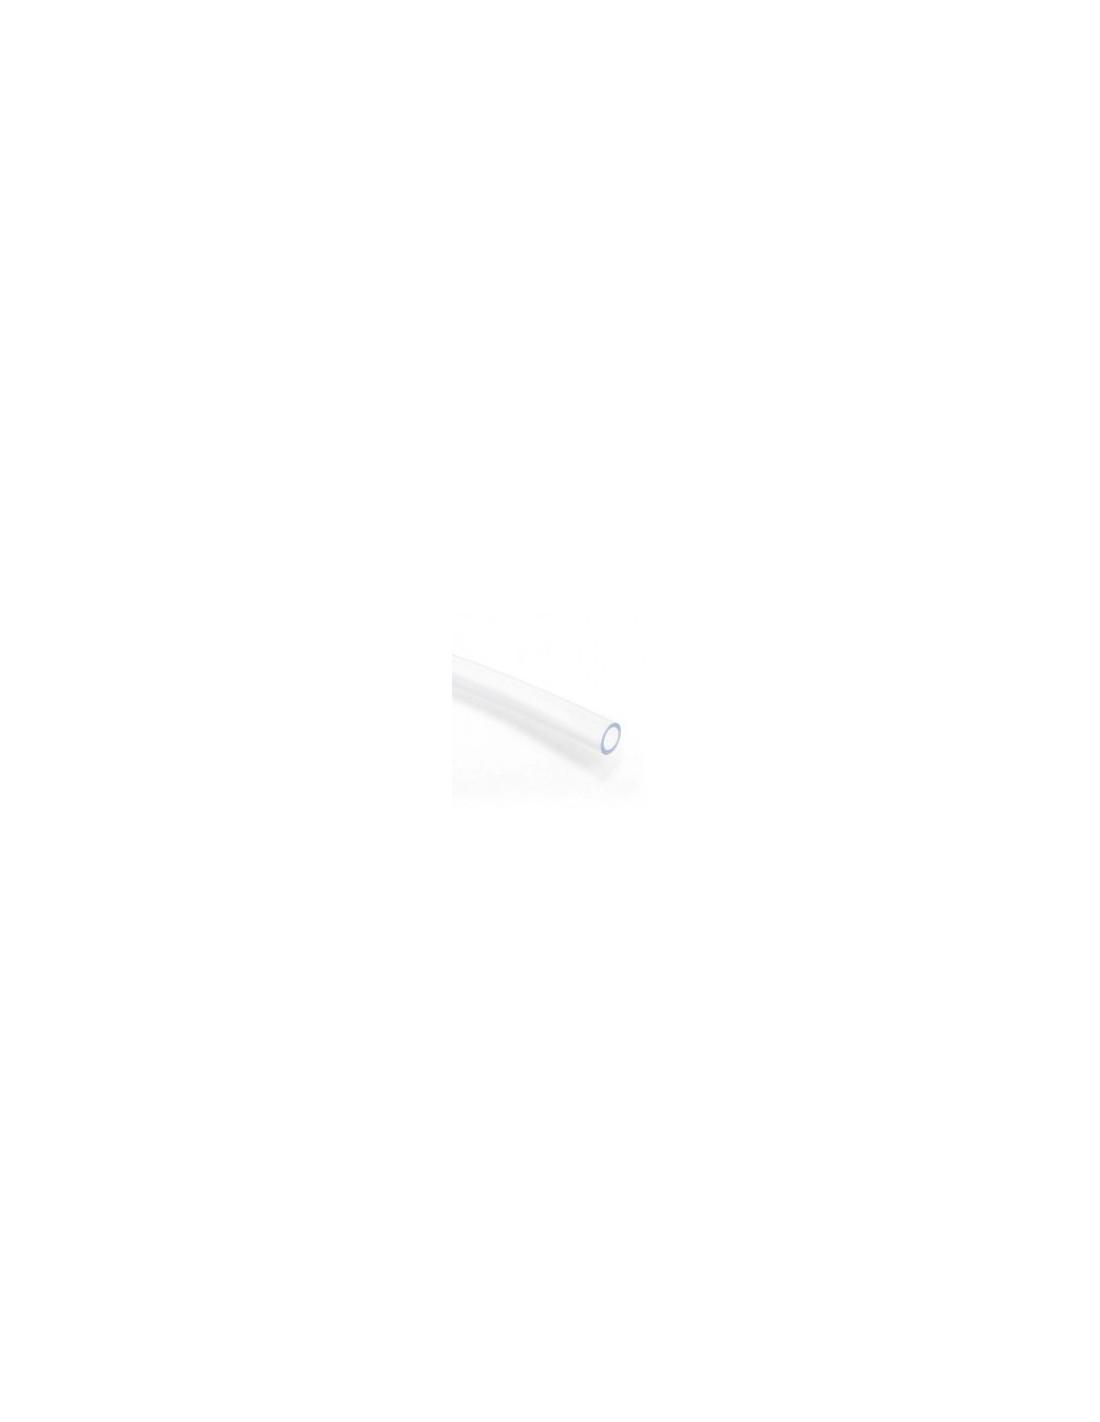 HAD01937 - Slang 7x10 mm